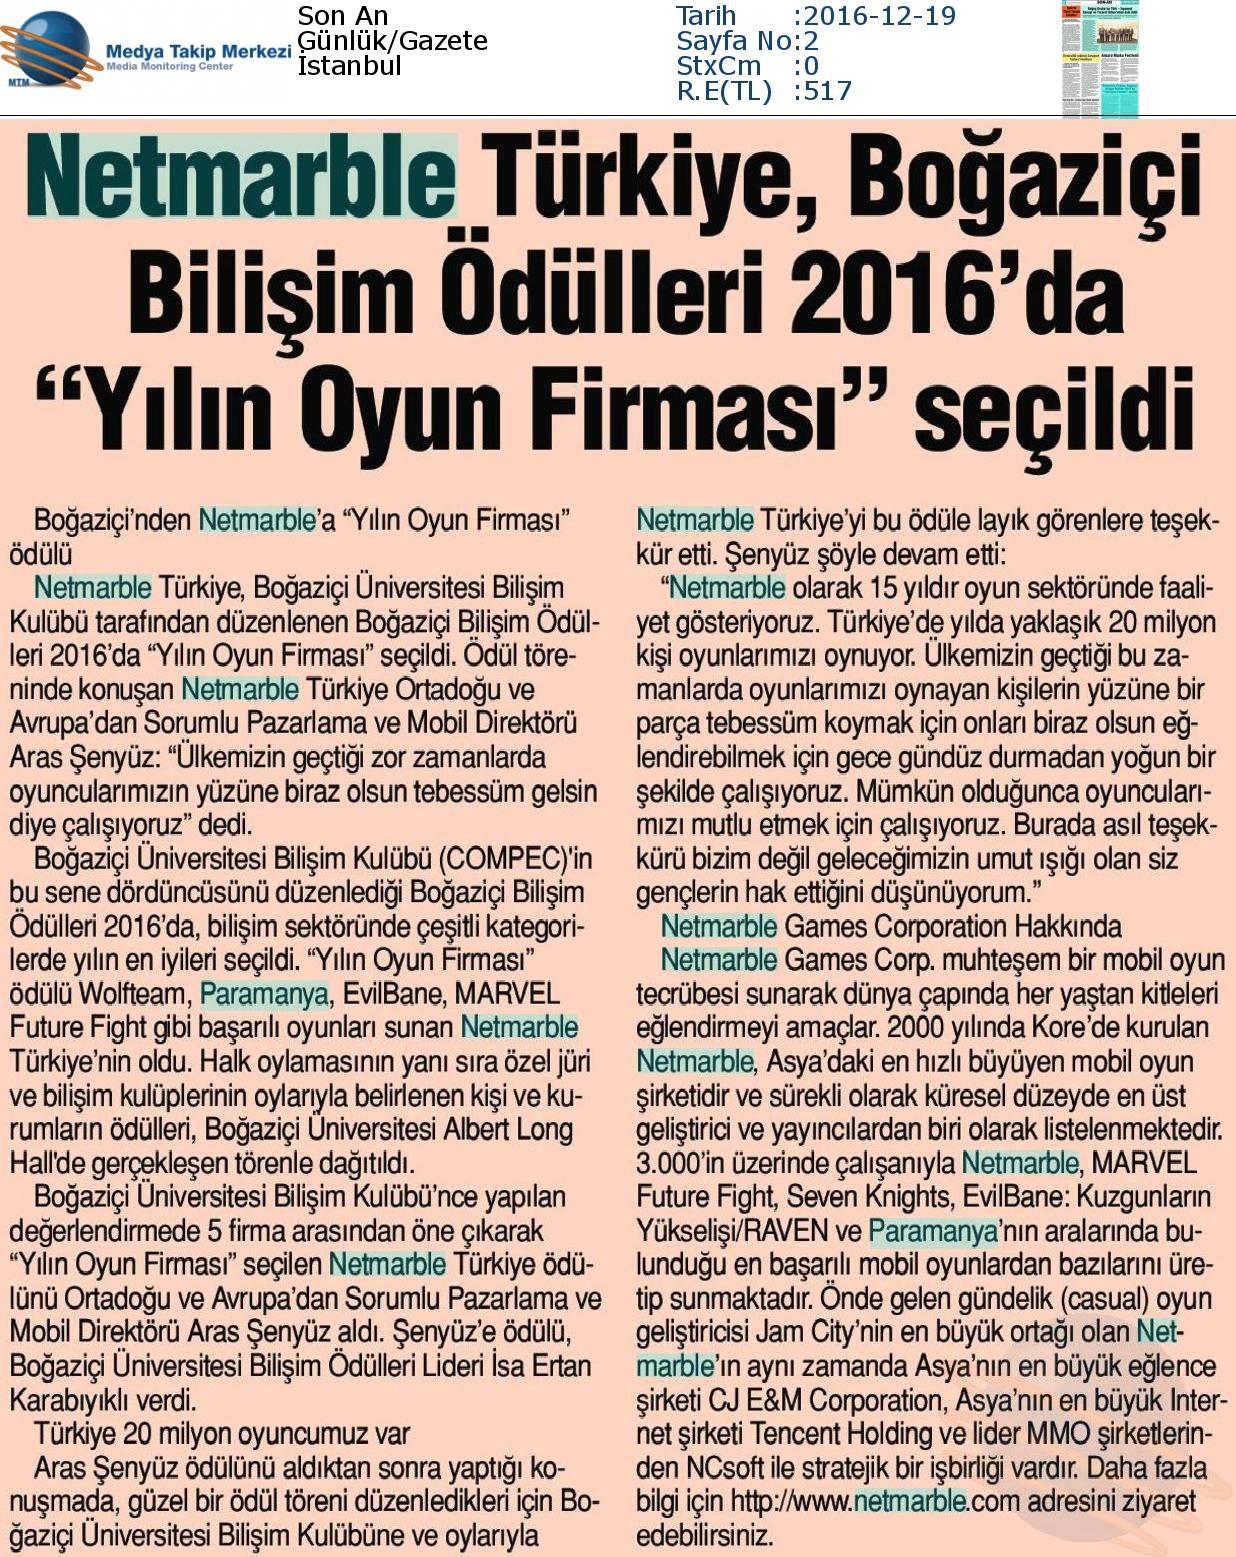 Son_An-NETMARBLE_TÜRKİYE_BOĞAZİÇİ_BİLİŞİM_ÖDÜLLERİ_2016DA_...